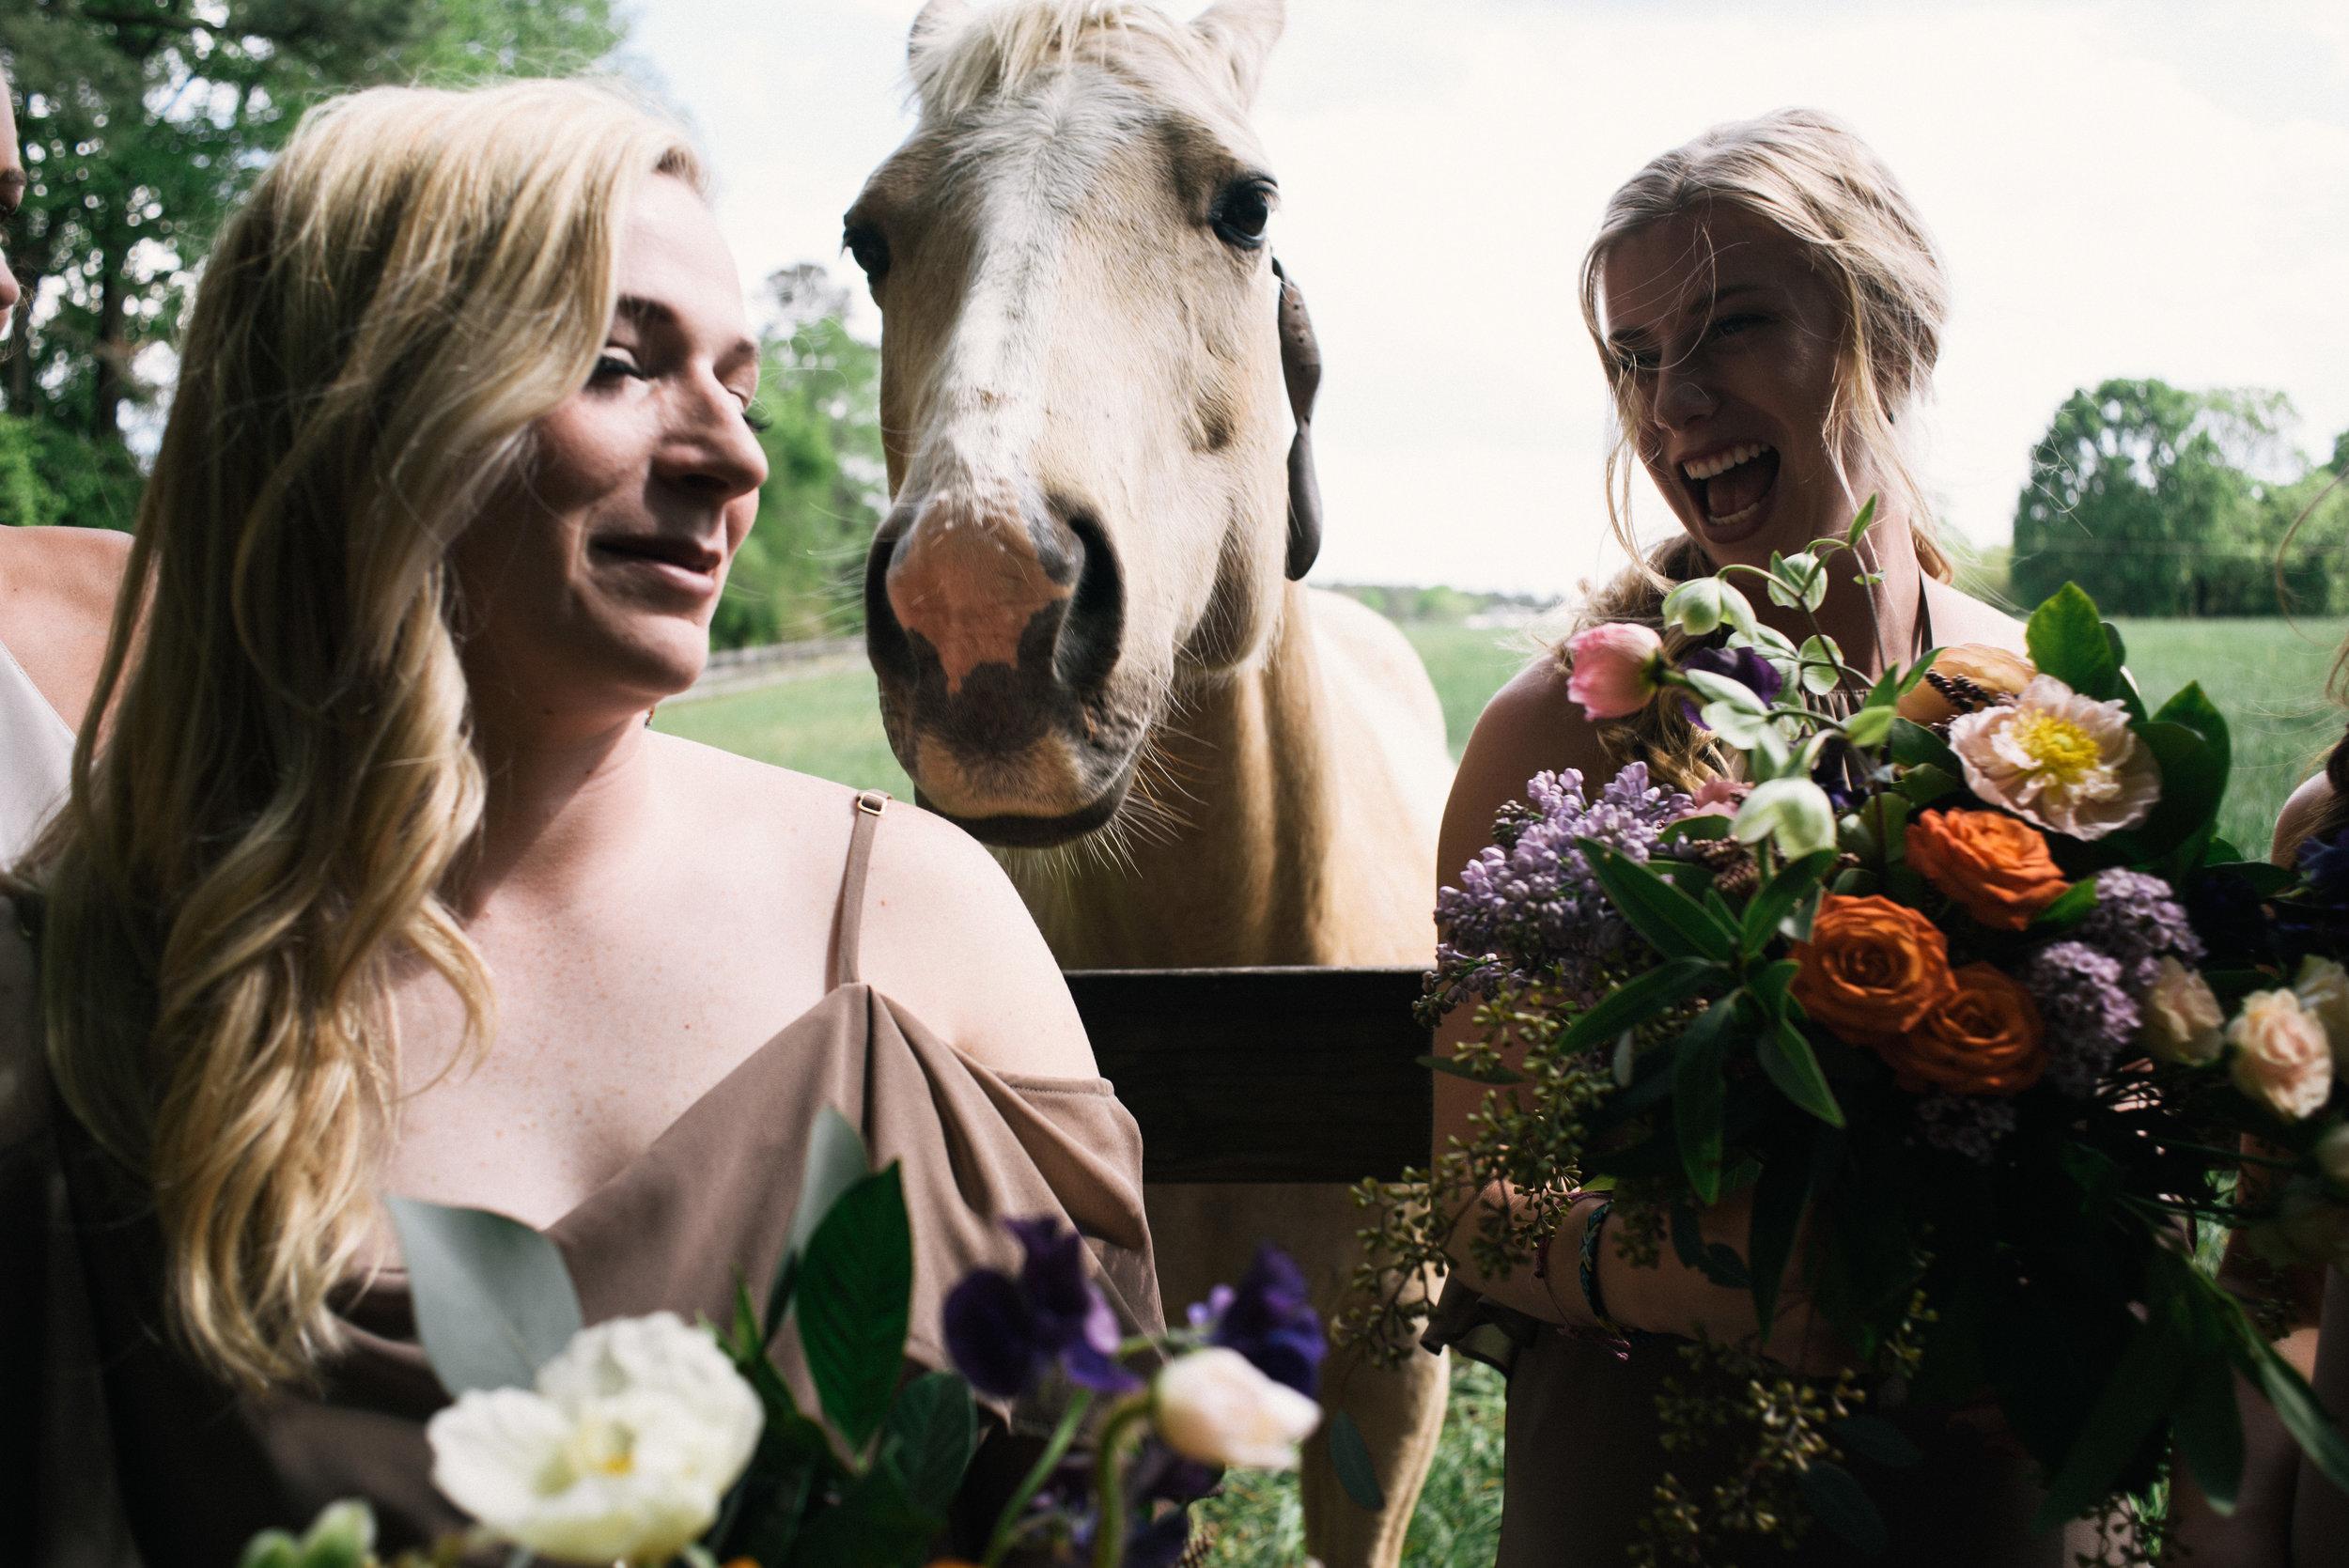 raleigh-elopement-photographer-raleigh-durham-wedding-maddie-and-devin- (51 of 162).jpg